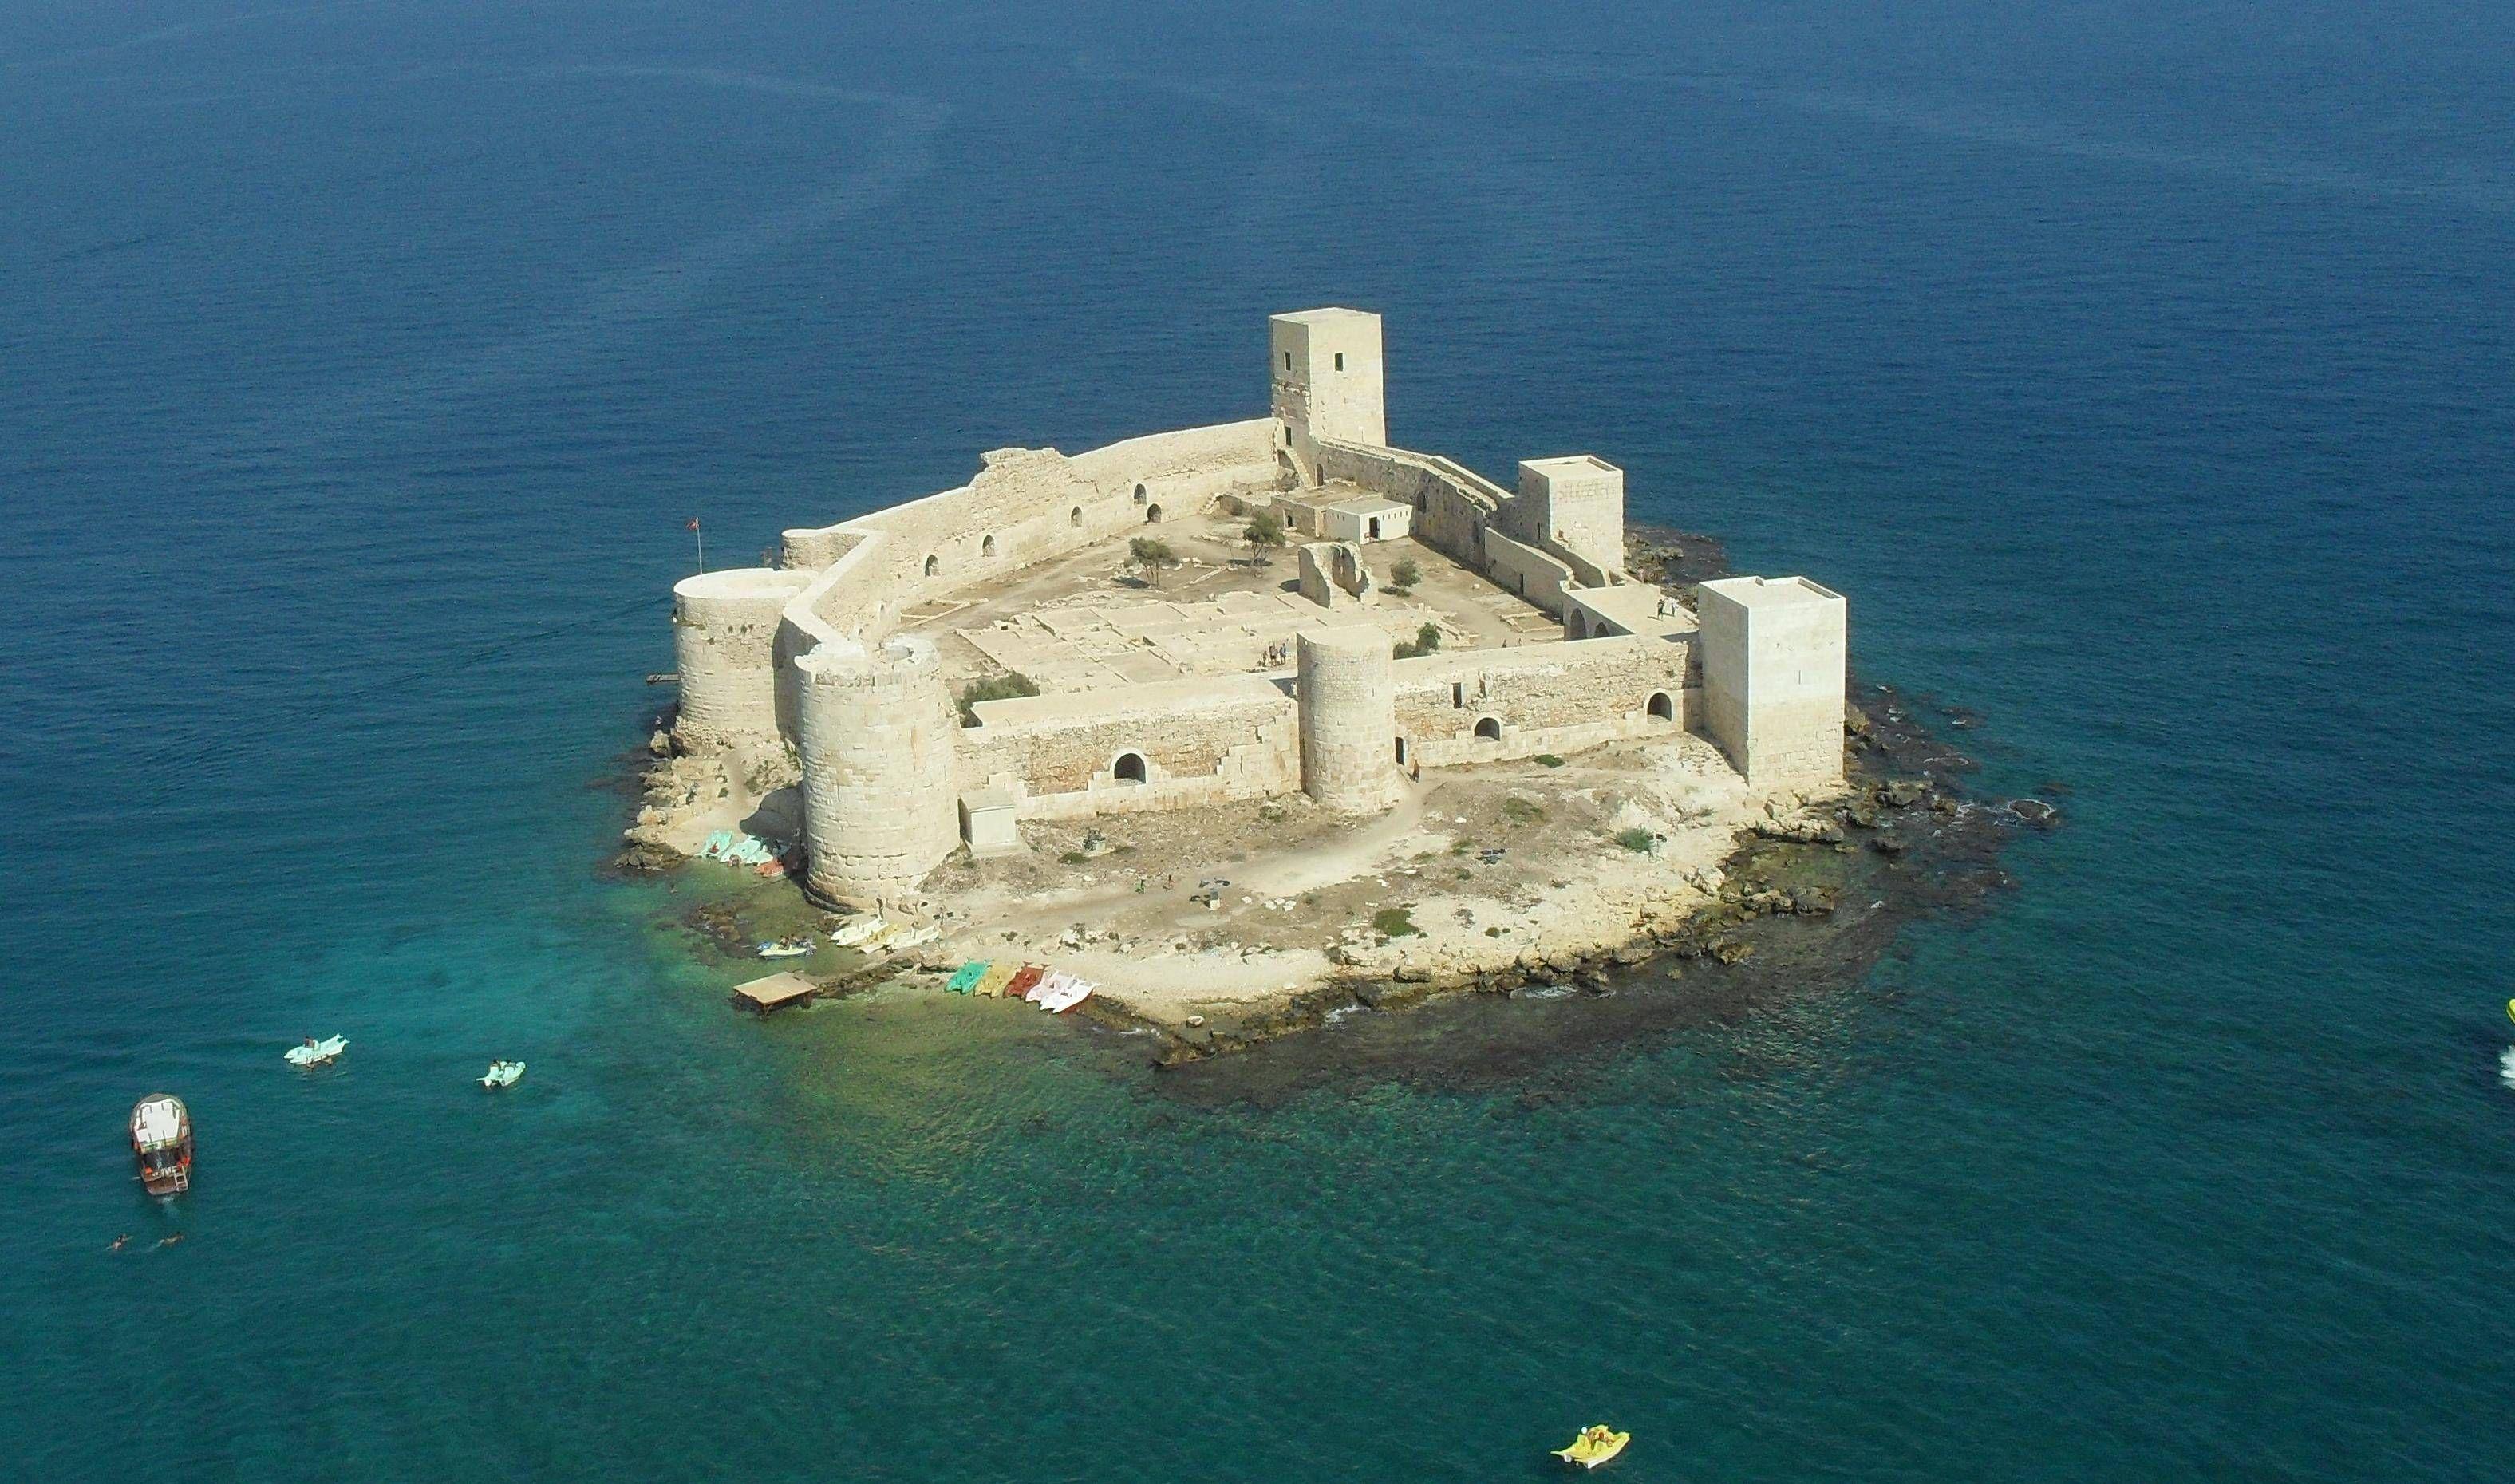 Kızkalesi (Maiden's Castle) in Turkey  ACE Teams: The ...